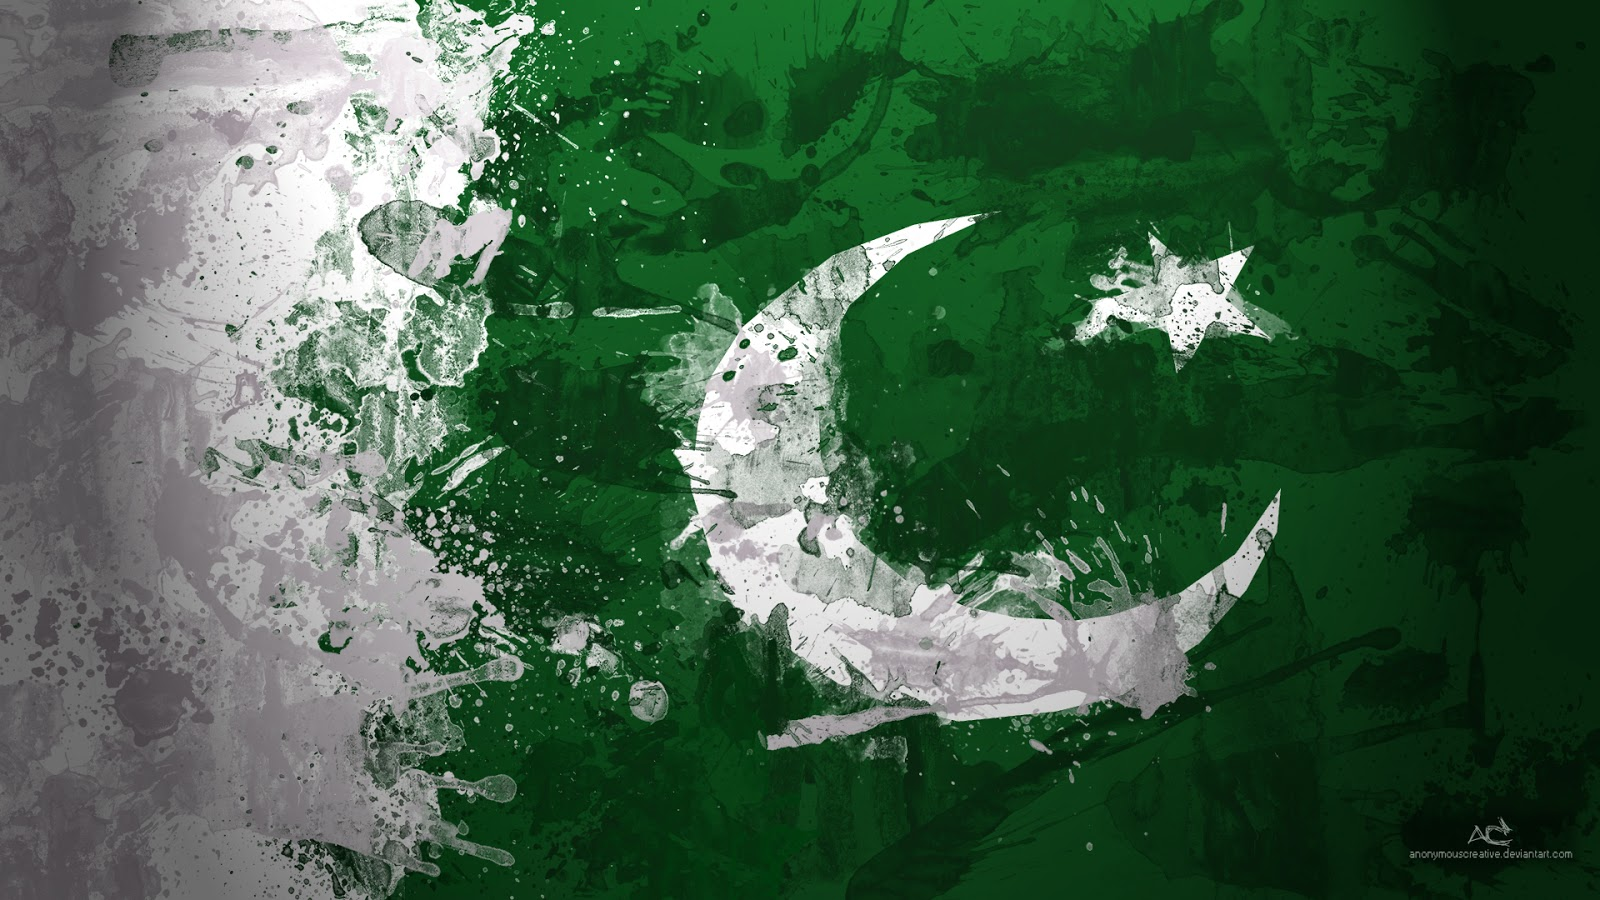 http://3.bp.blogspot.com/-yMsX9YXg3Ag/UMeudF9XNiI/AAAAAAAAA2g/kYqoDNJAsrQ/s1600/Pakistan%2BFlag%2BNew%2BHD%2BWallpapers%2B(1).jpg